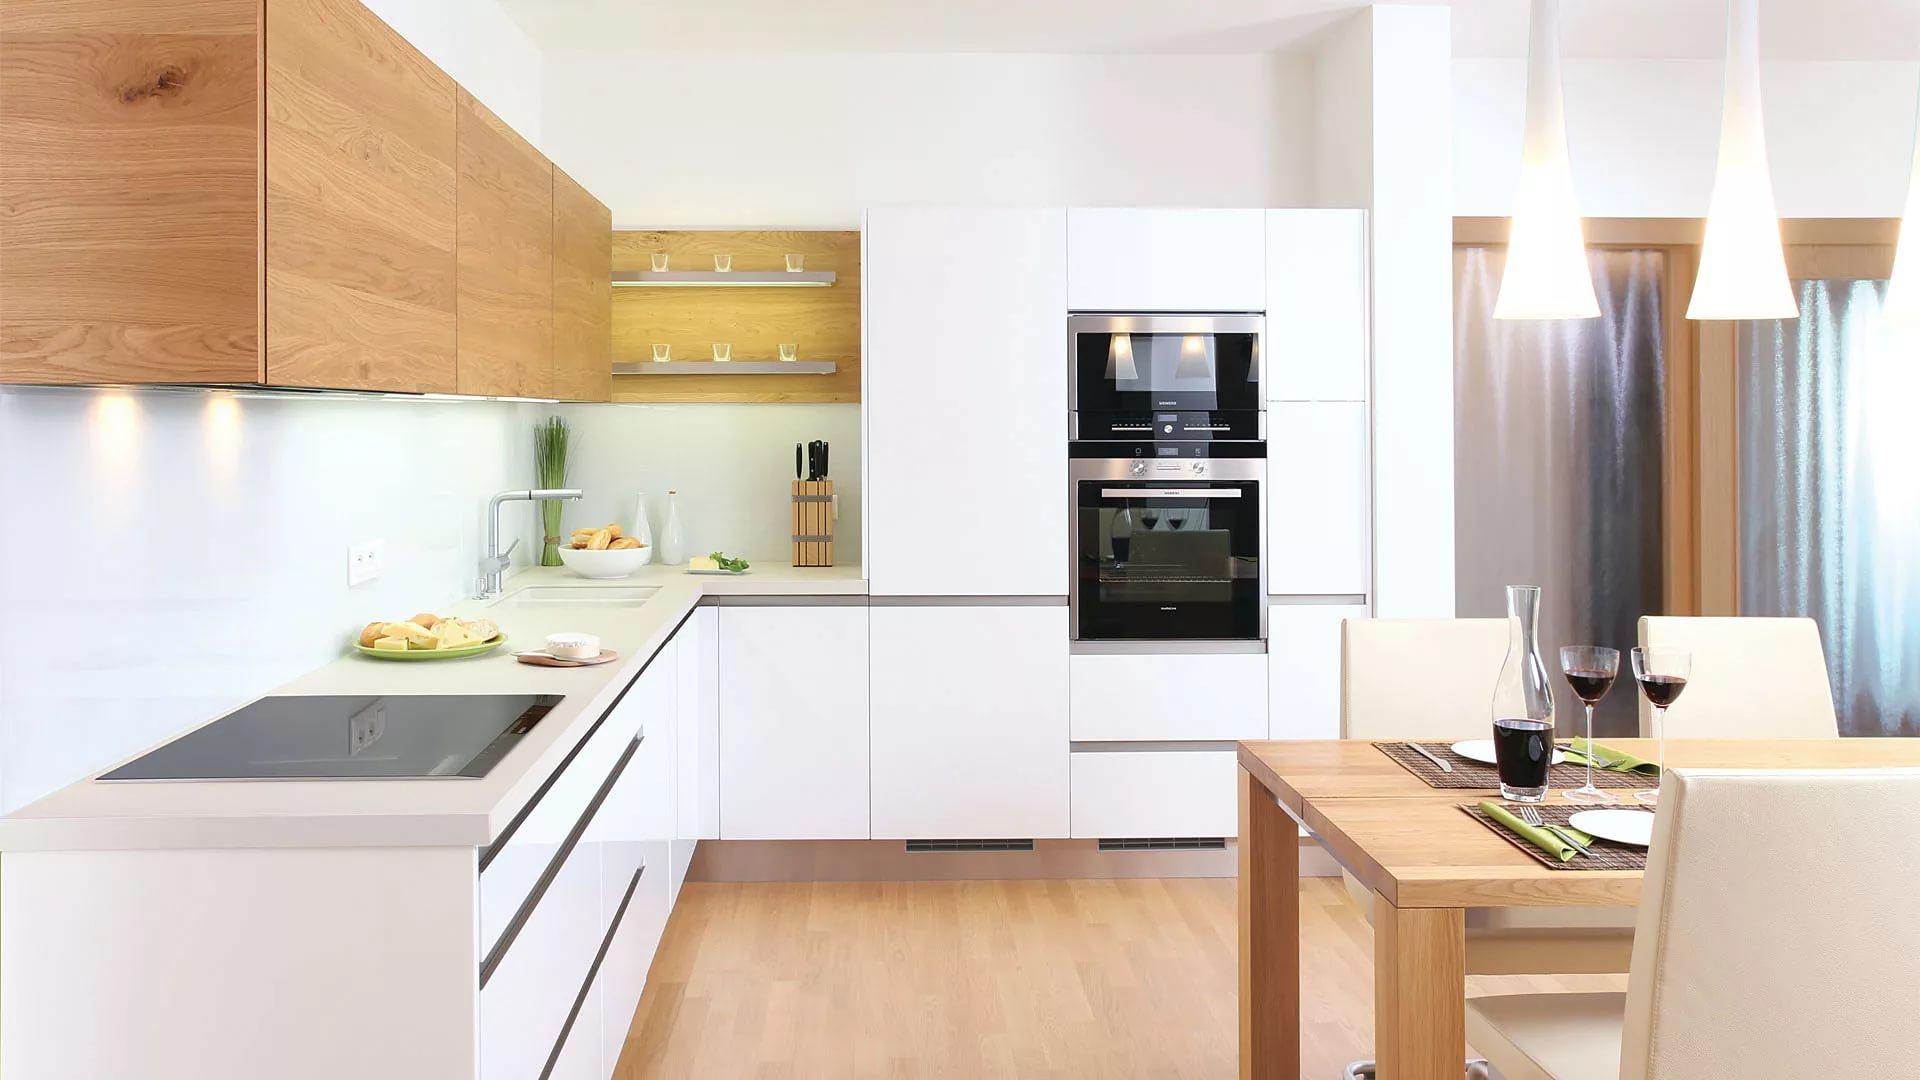 желание оригинально кухня буквой г с холодильником фото тему морского